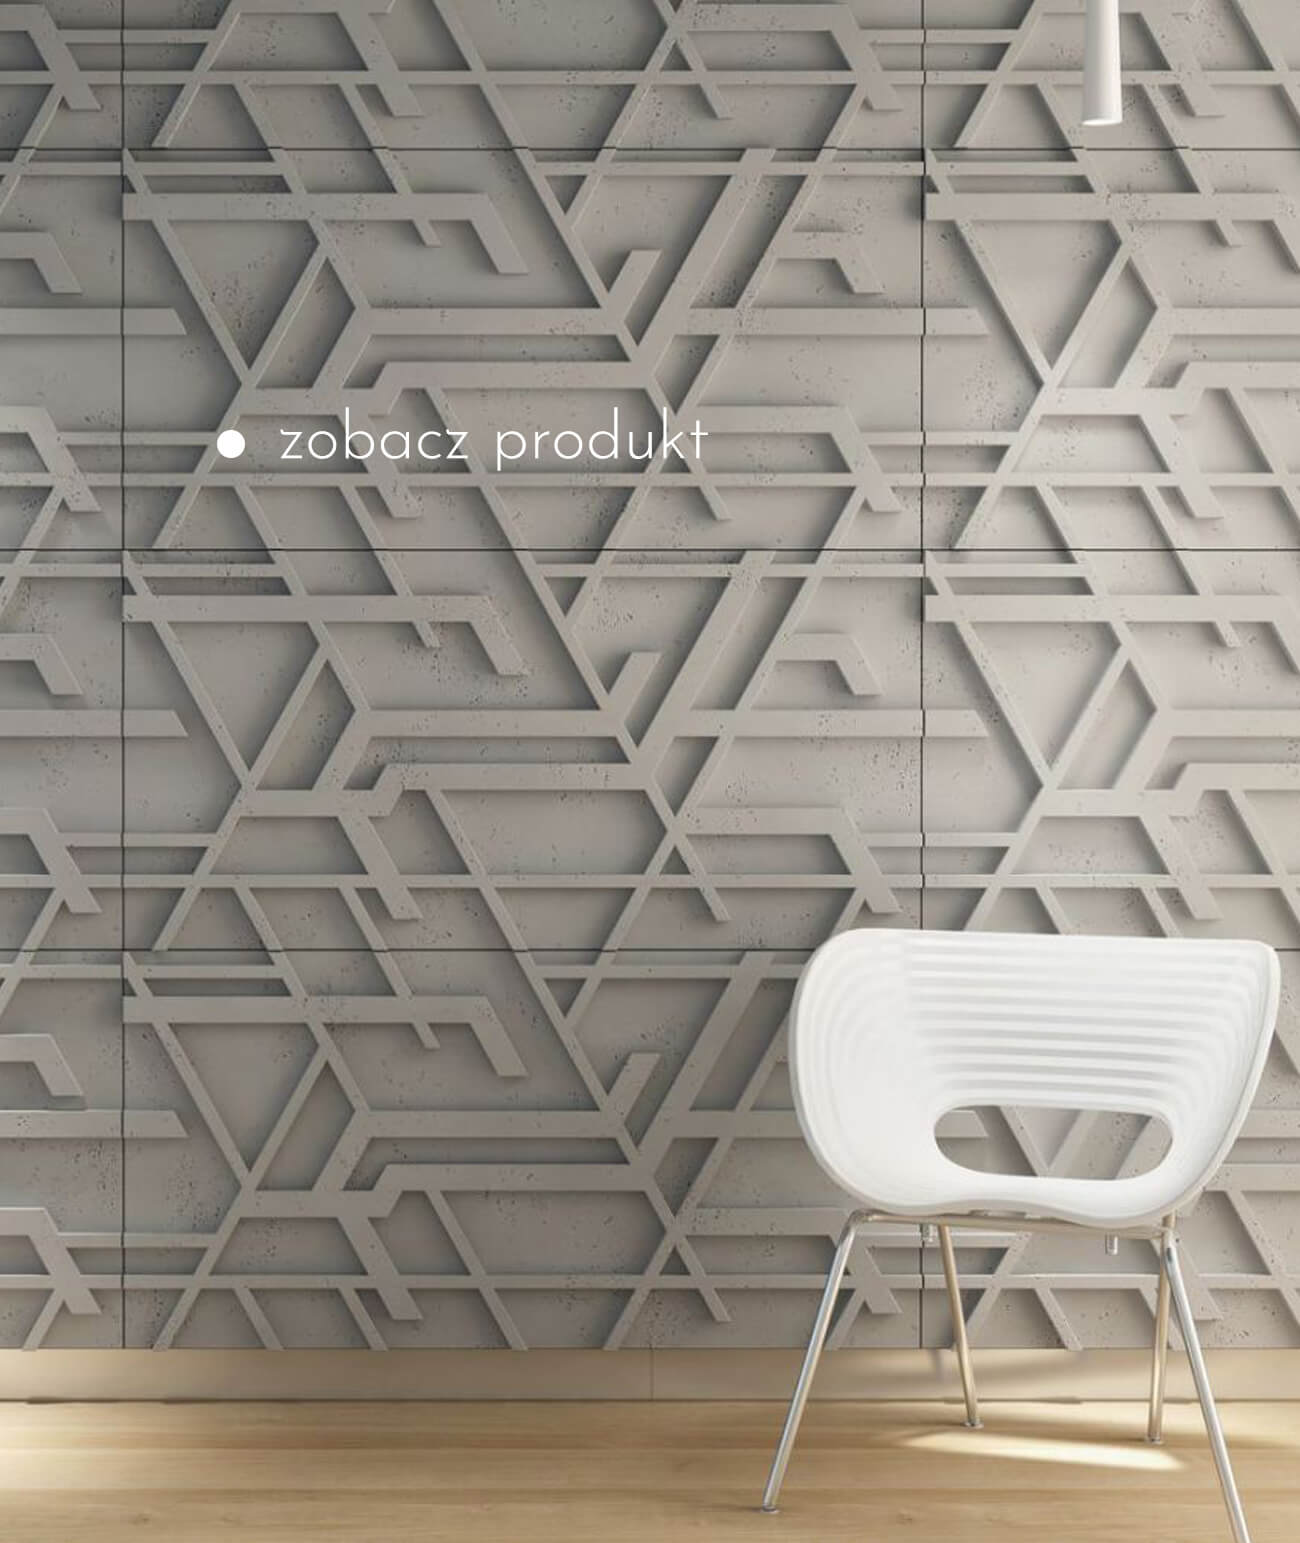 panele-betonowe-3d-scienne-i-elewacyjne-beton-architektoniczny_889-19834-pb27-s51-ciemny-szary-mysi-kor---panel-dekor-3d-beton-architektoniczny-panel-scienny